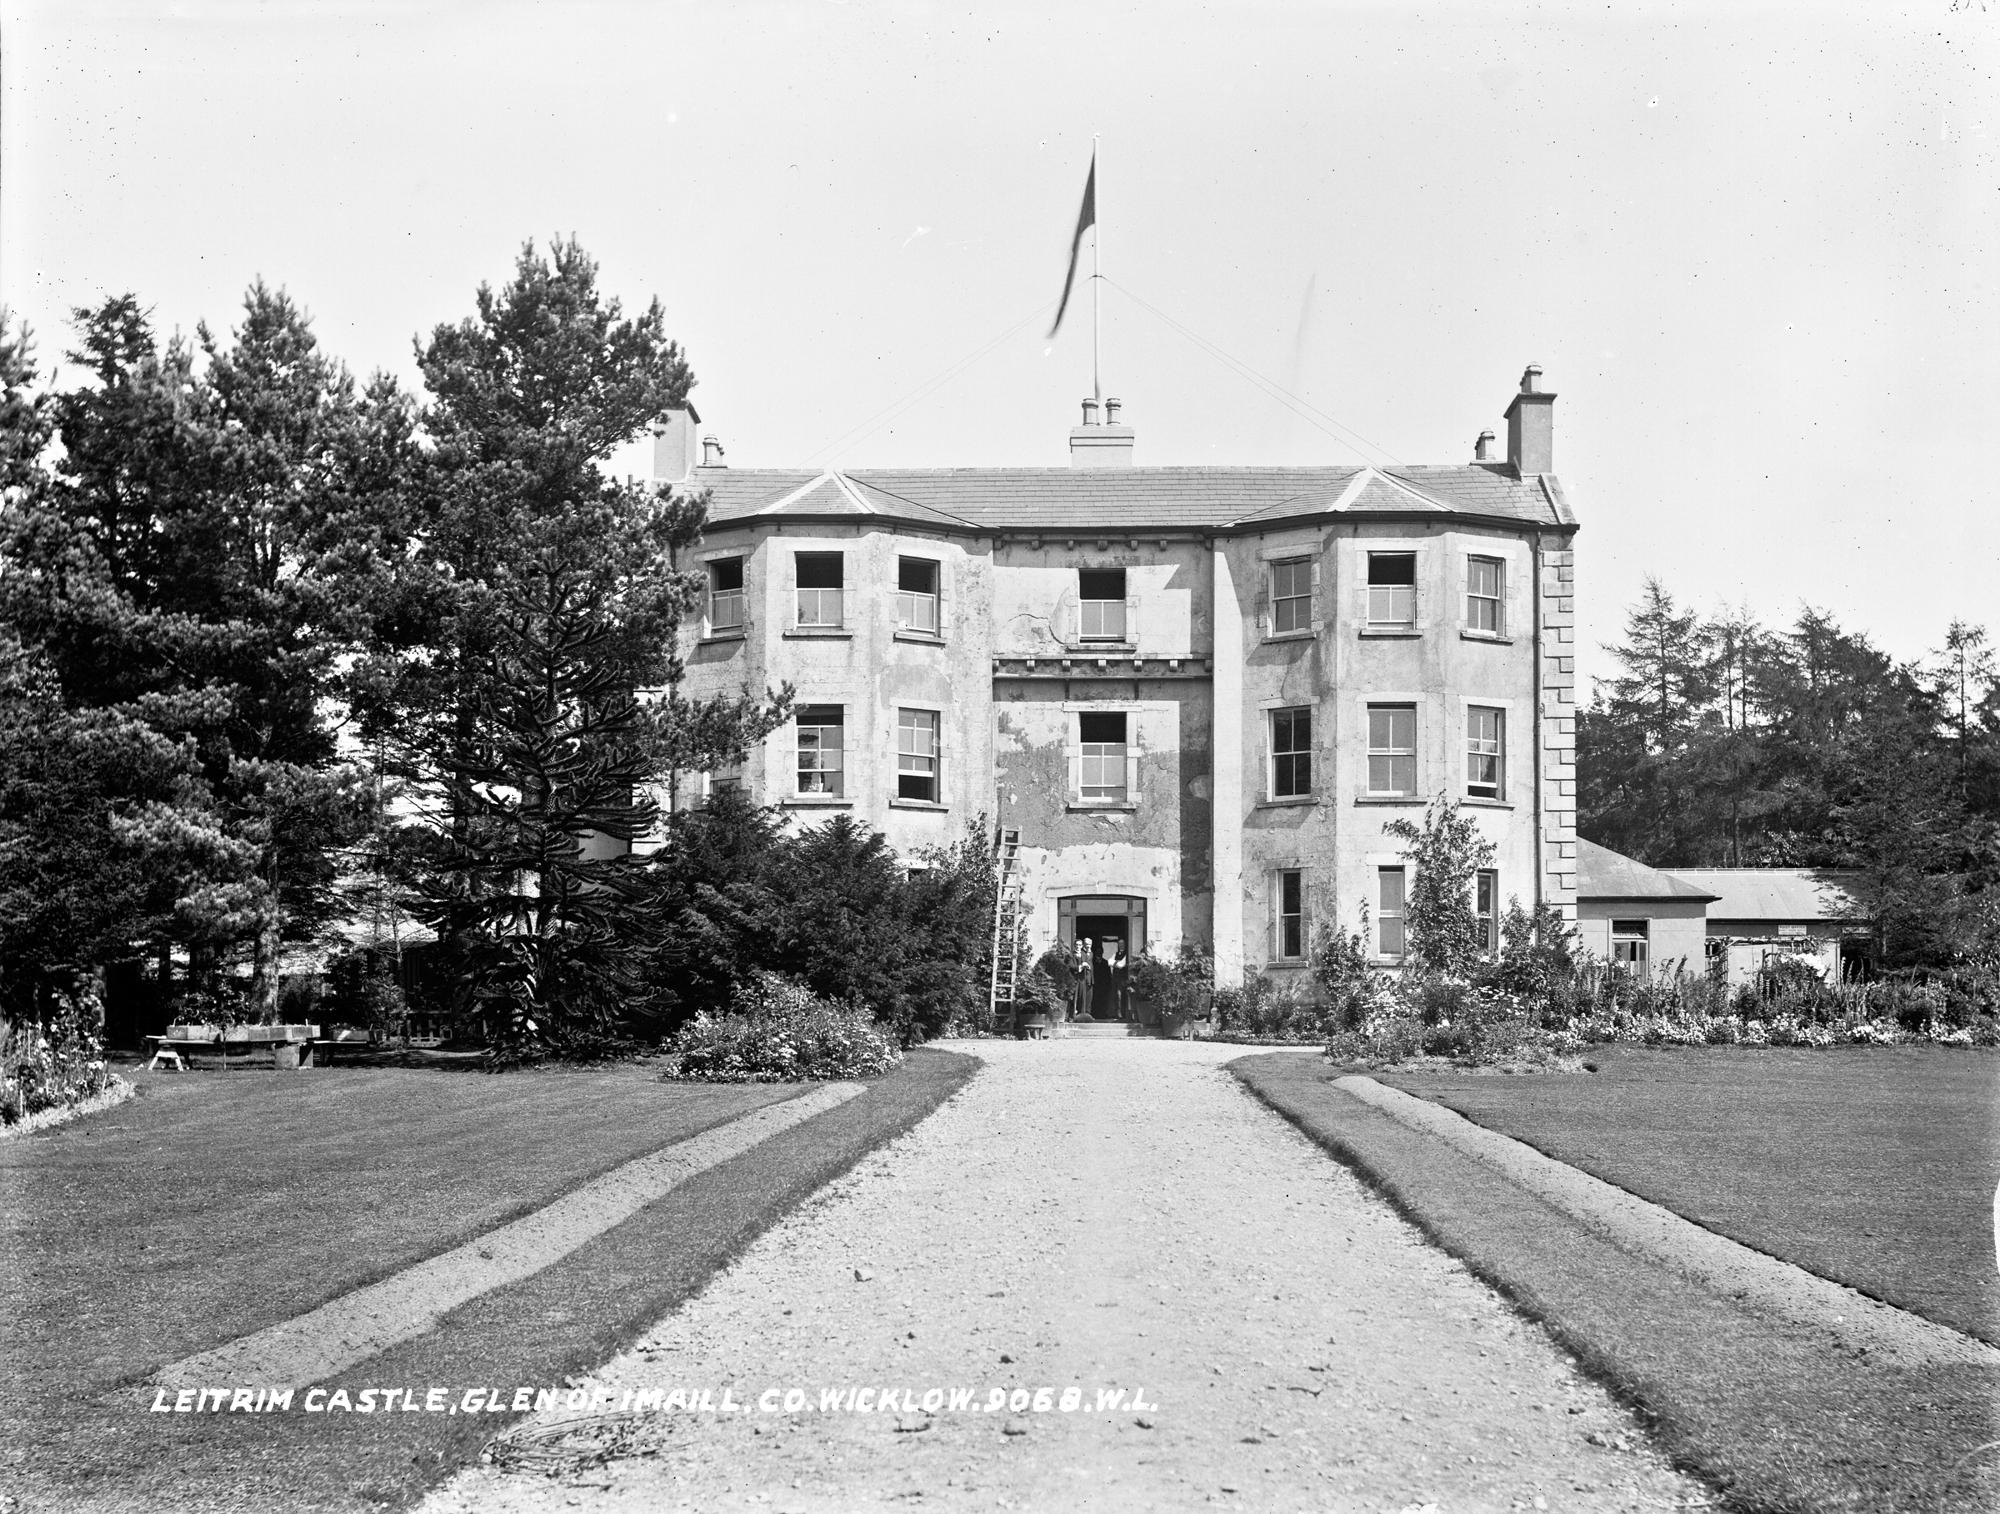 Glen of Imaal, Co. Wicklow